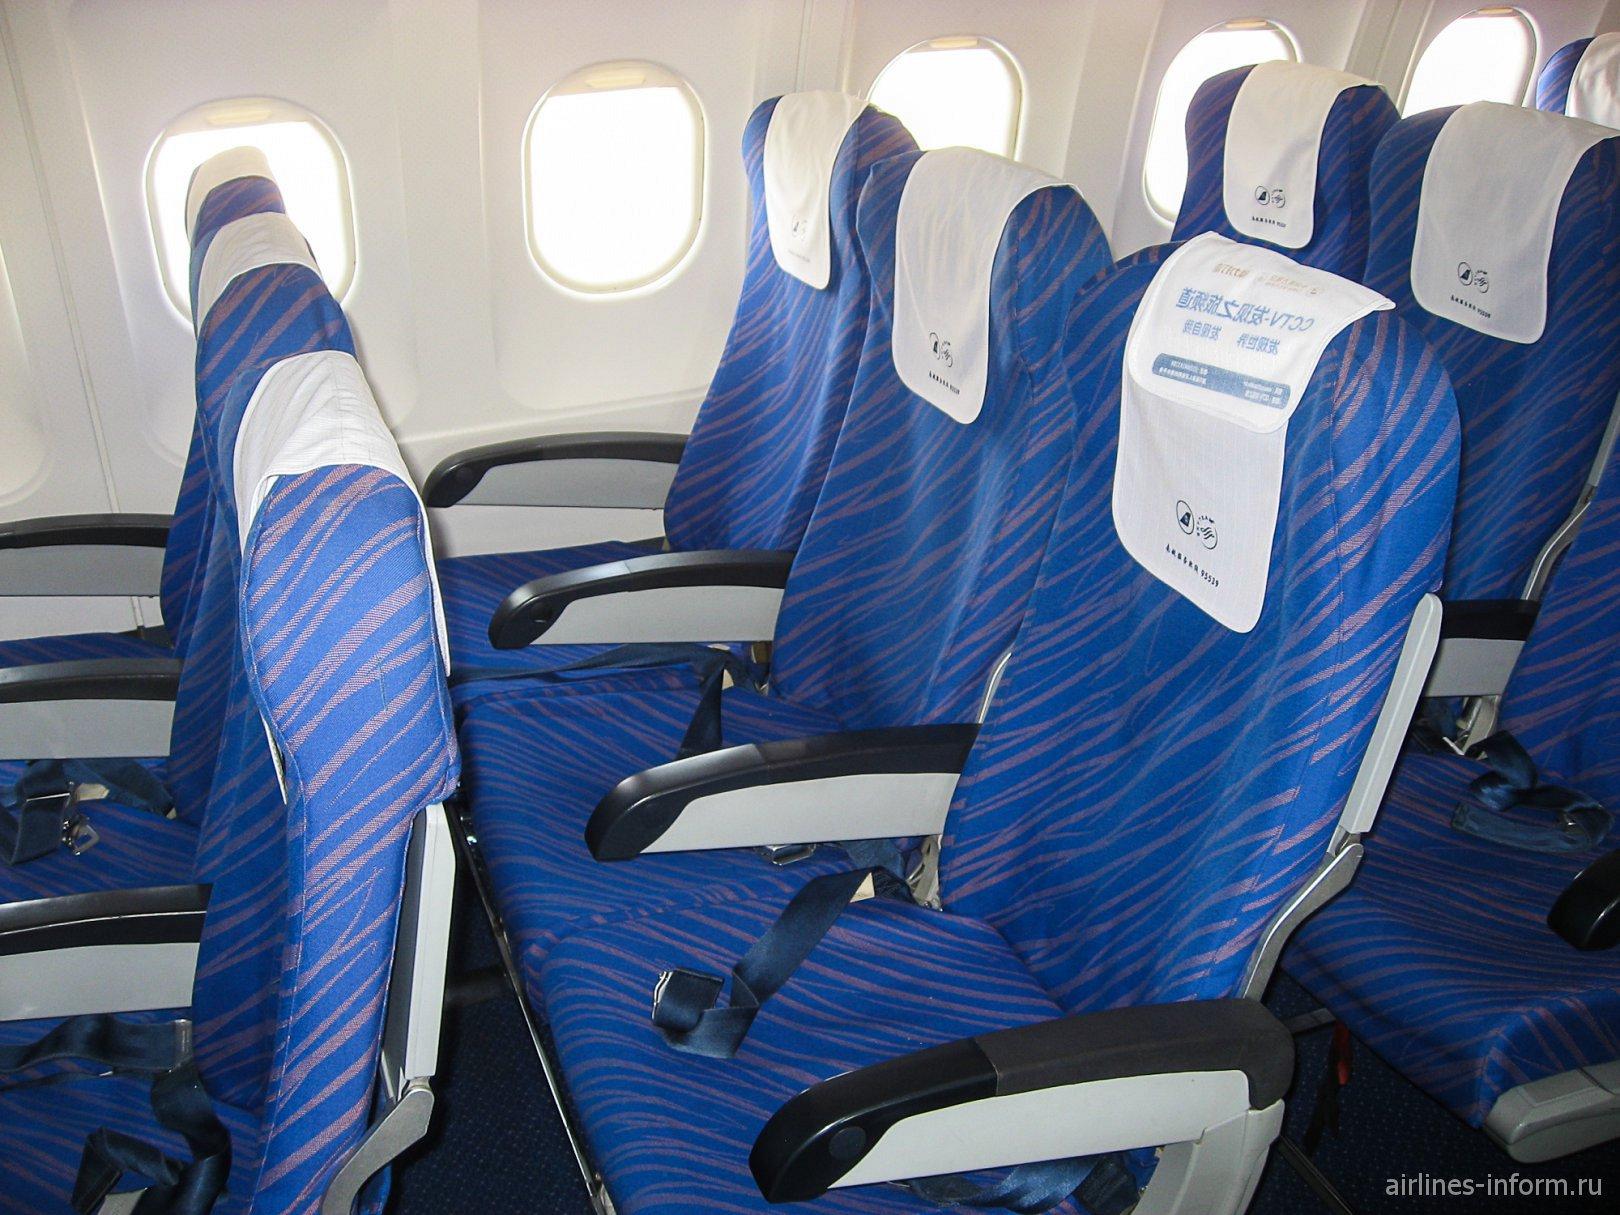 Пассажирские места эконом-класса в Airbus A320 авиакомпании China Southern Airlines